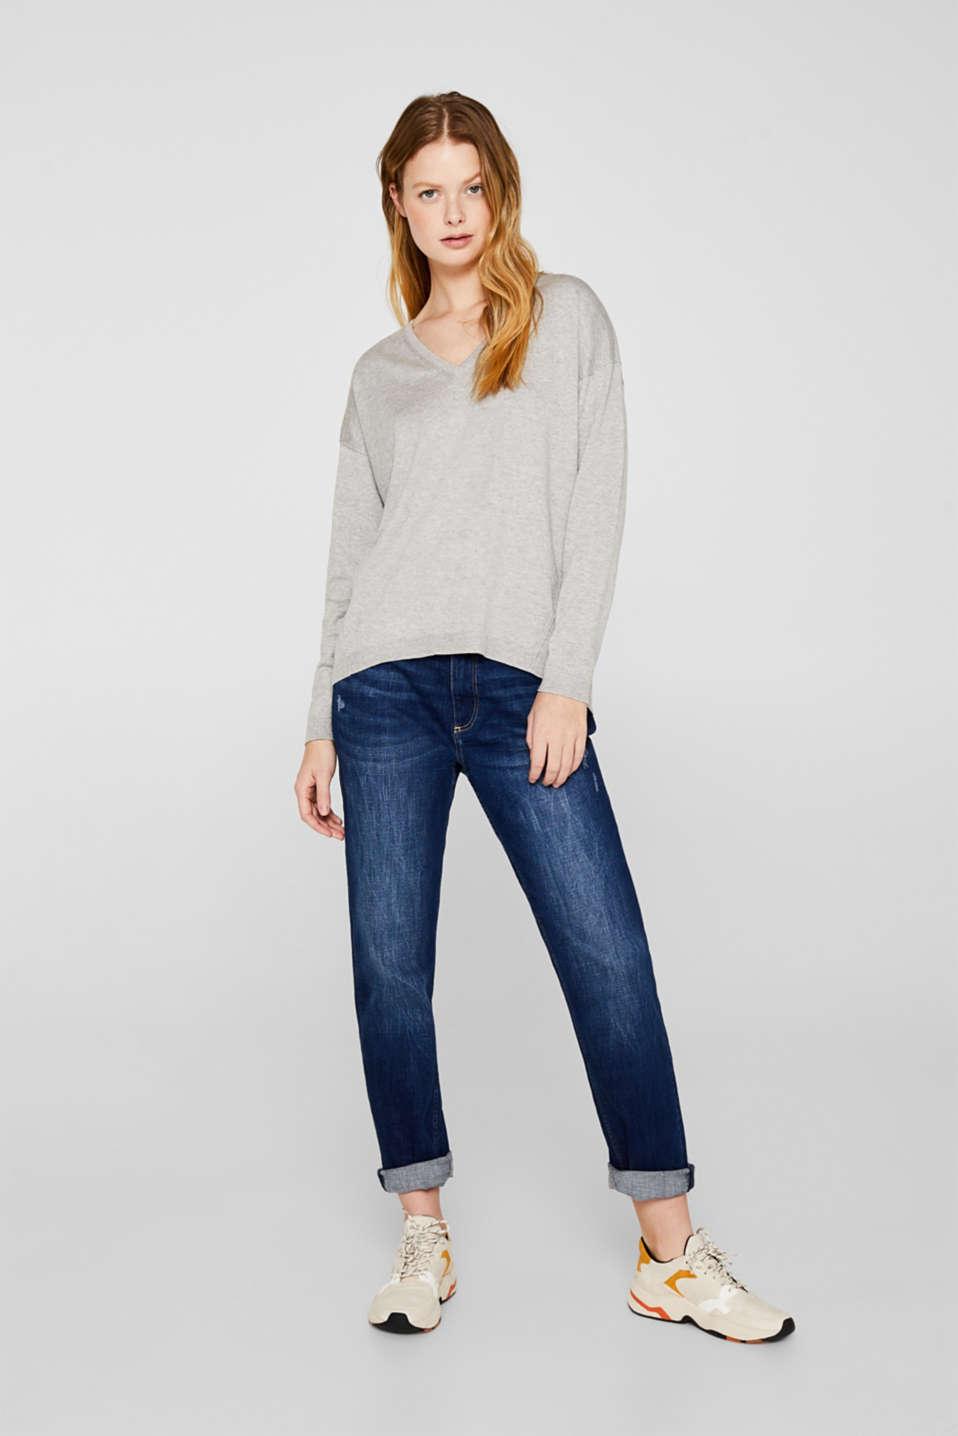 V-neck jumper, organic cotton, LIGHT GREY 5, detail image number 1